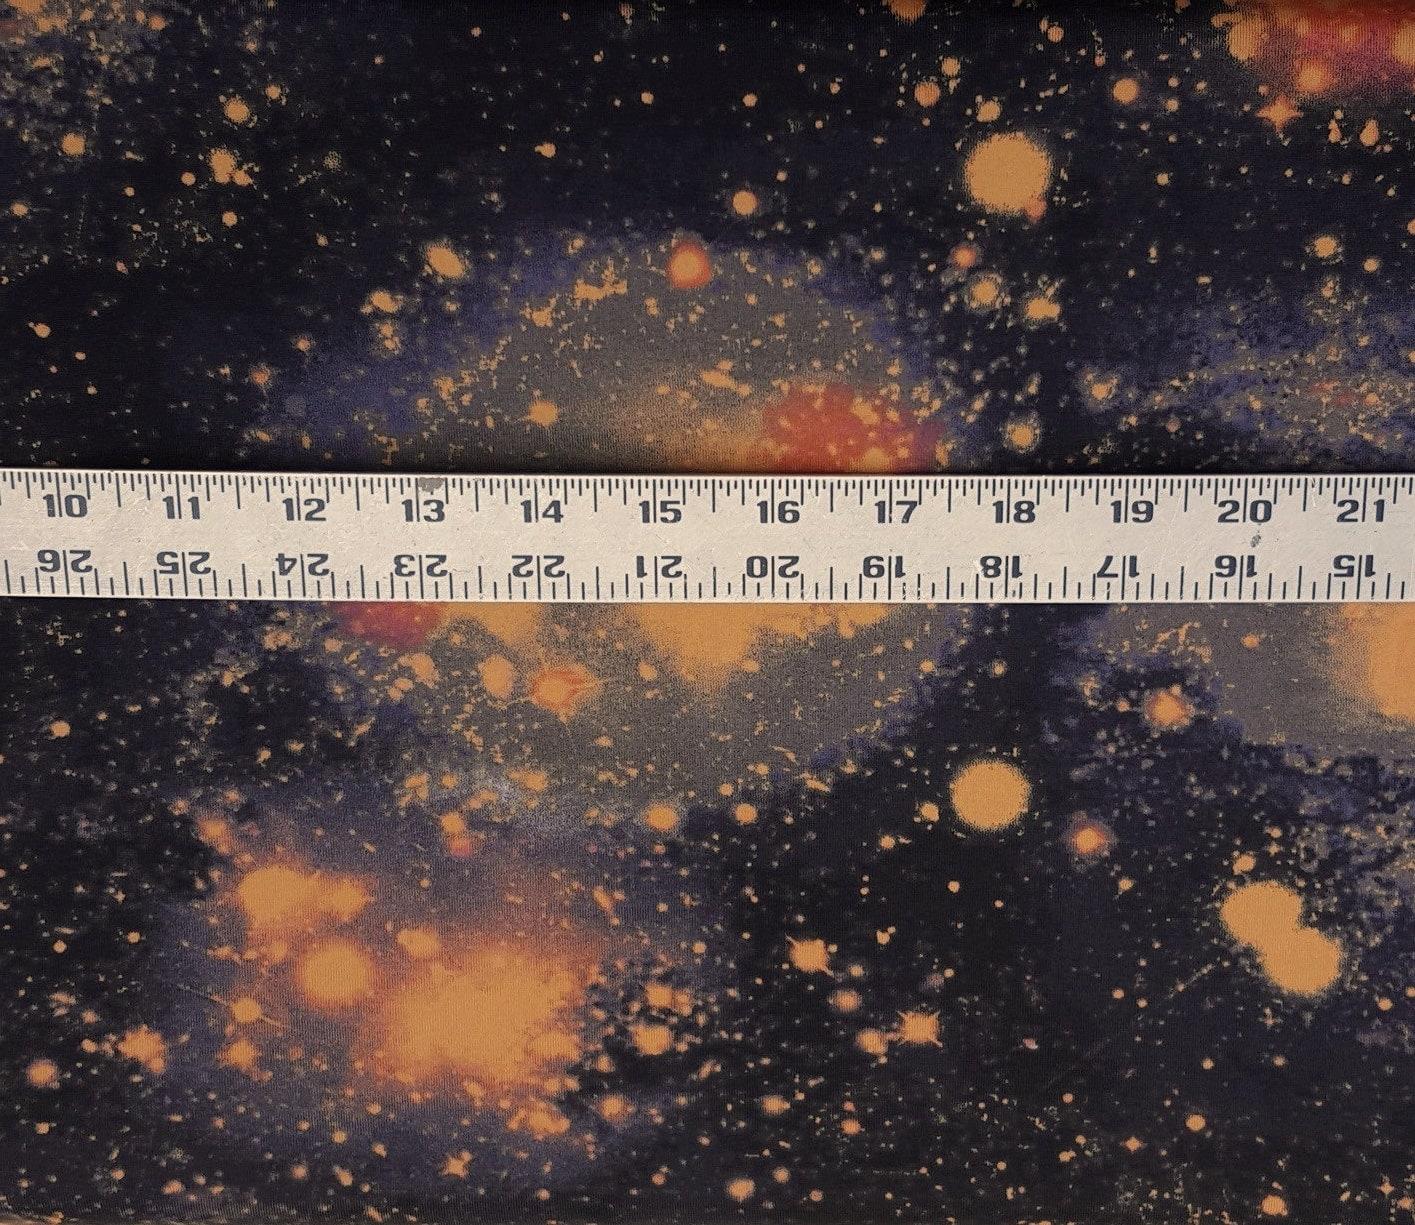 Galaxy print 2 fabric by the yard poly spandex stretchy for Galaxy fabric canada